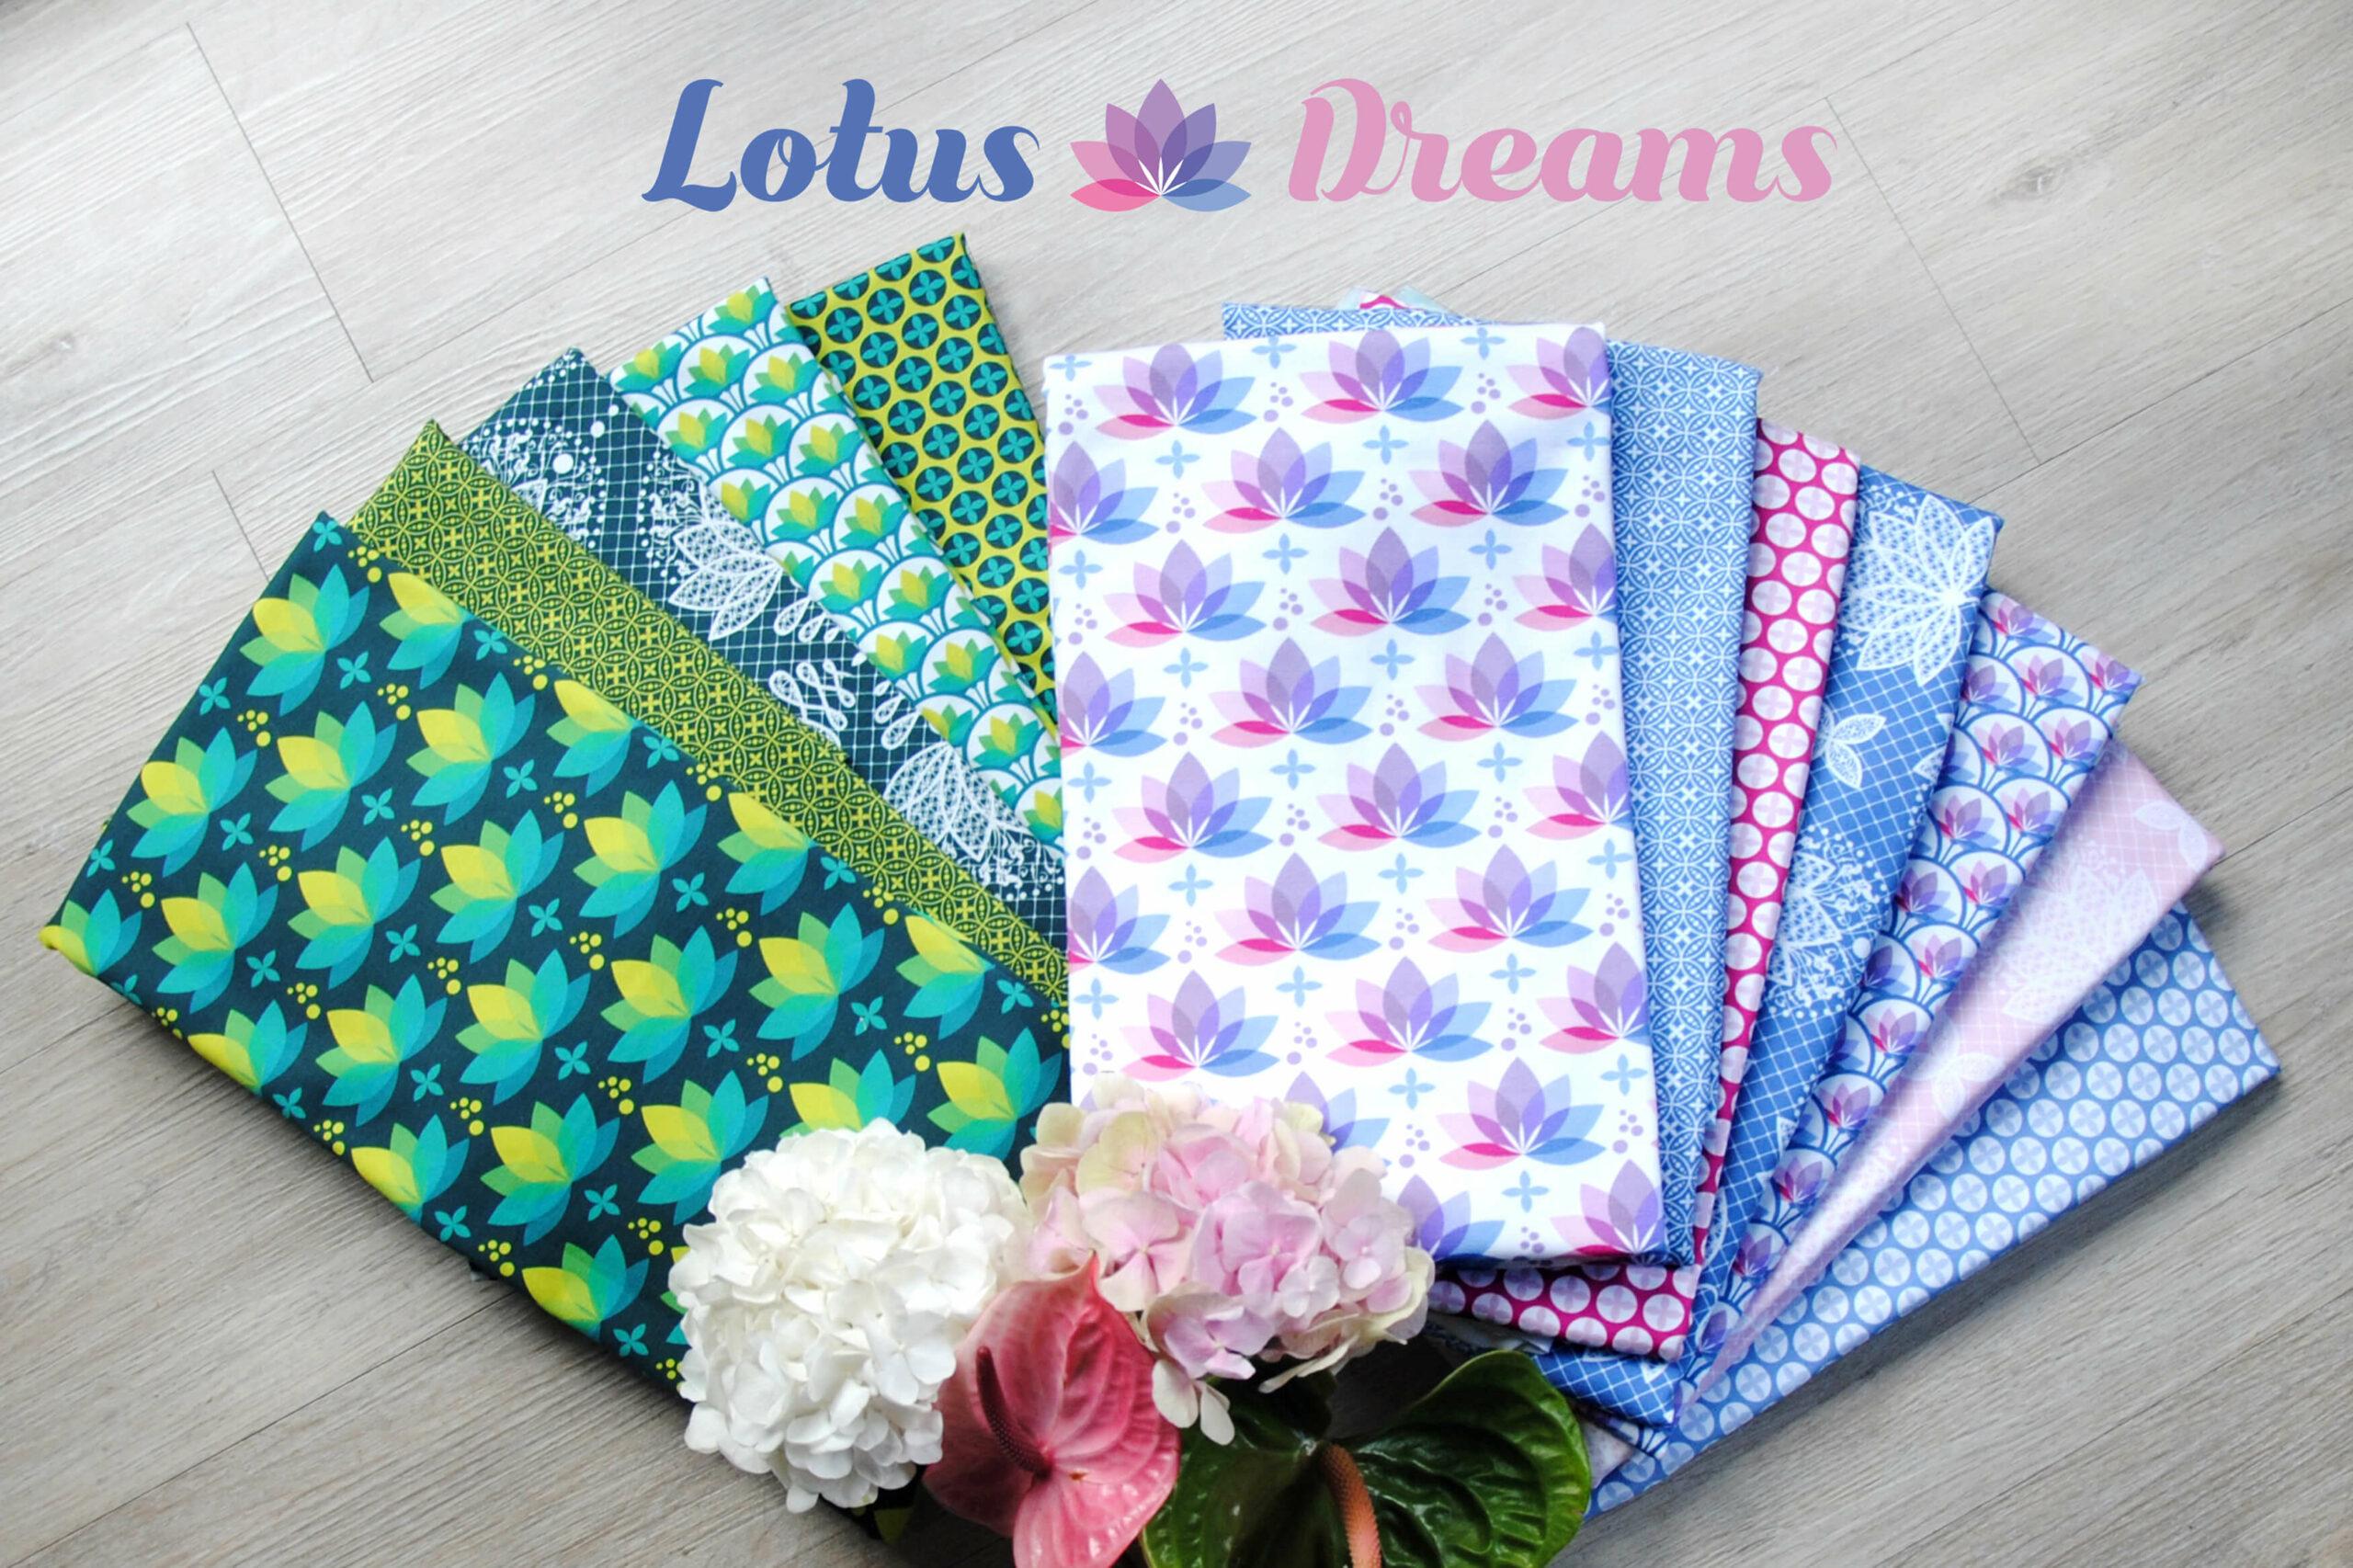 Lotus Dreams